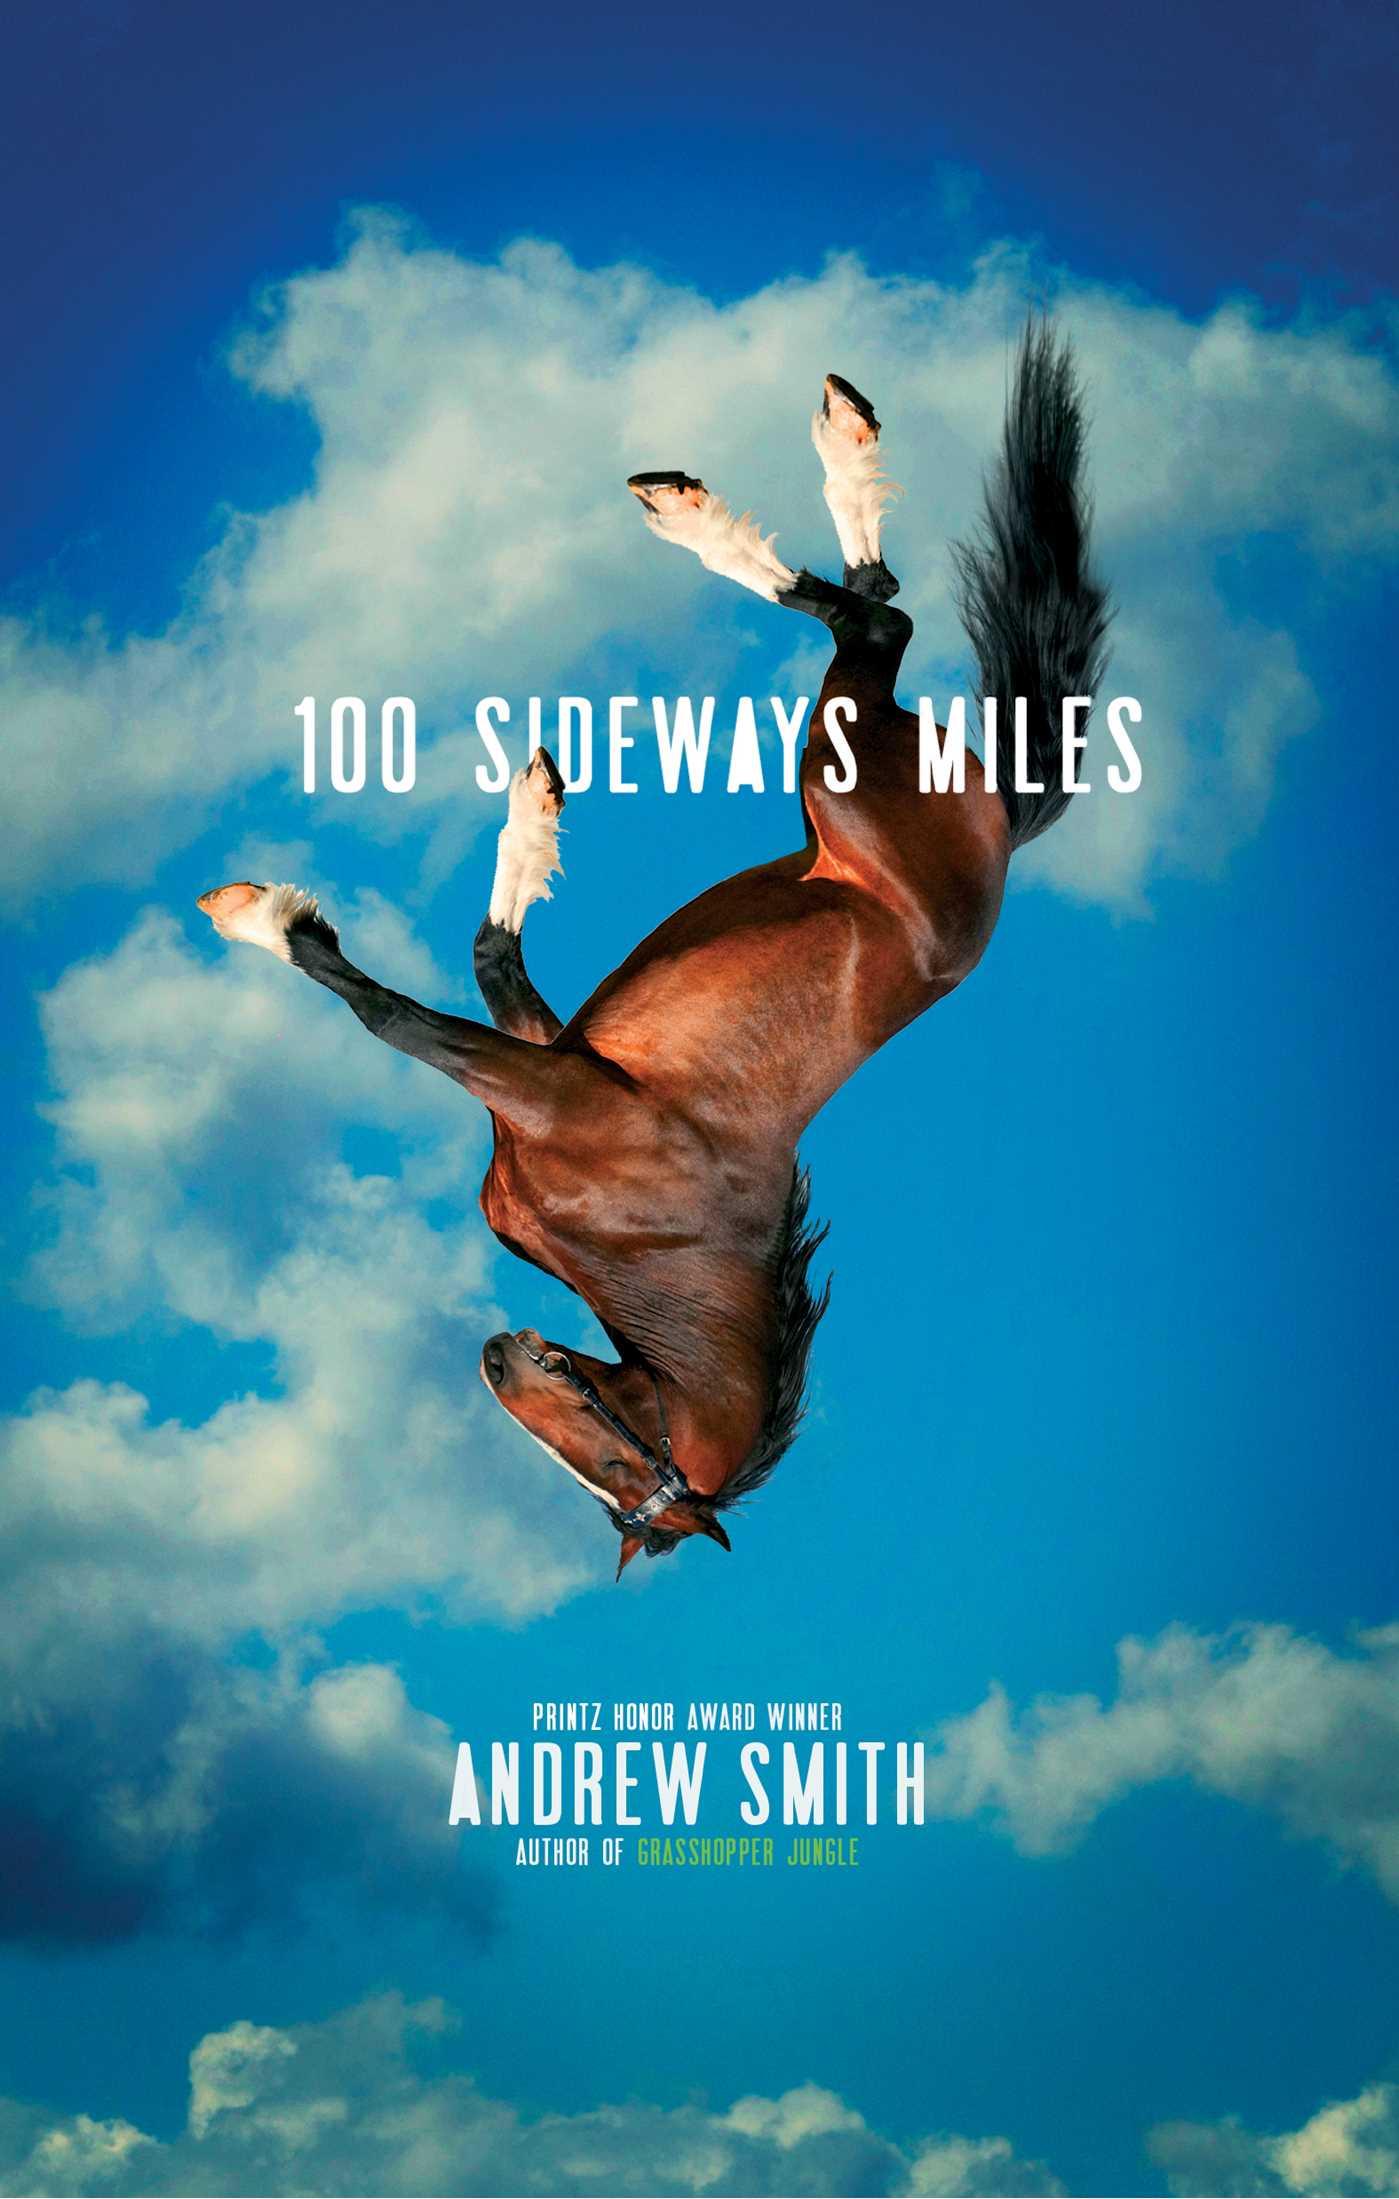 100 sideways miles 9781442444966 hr